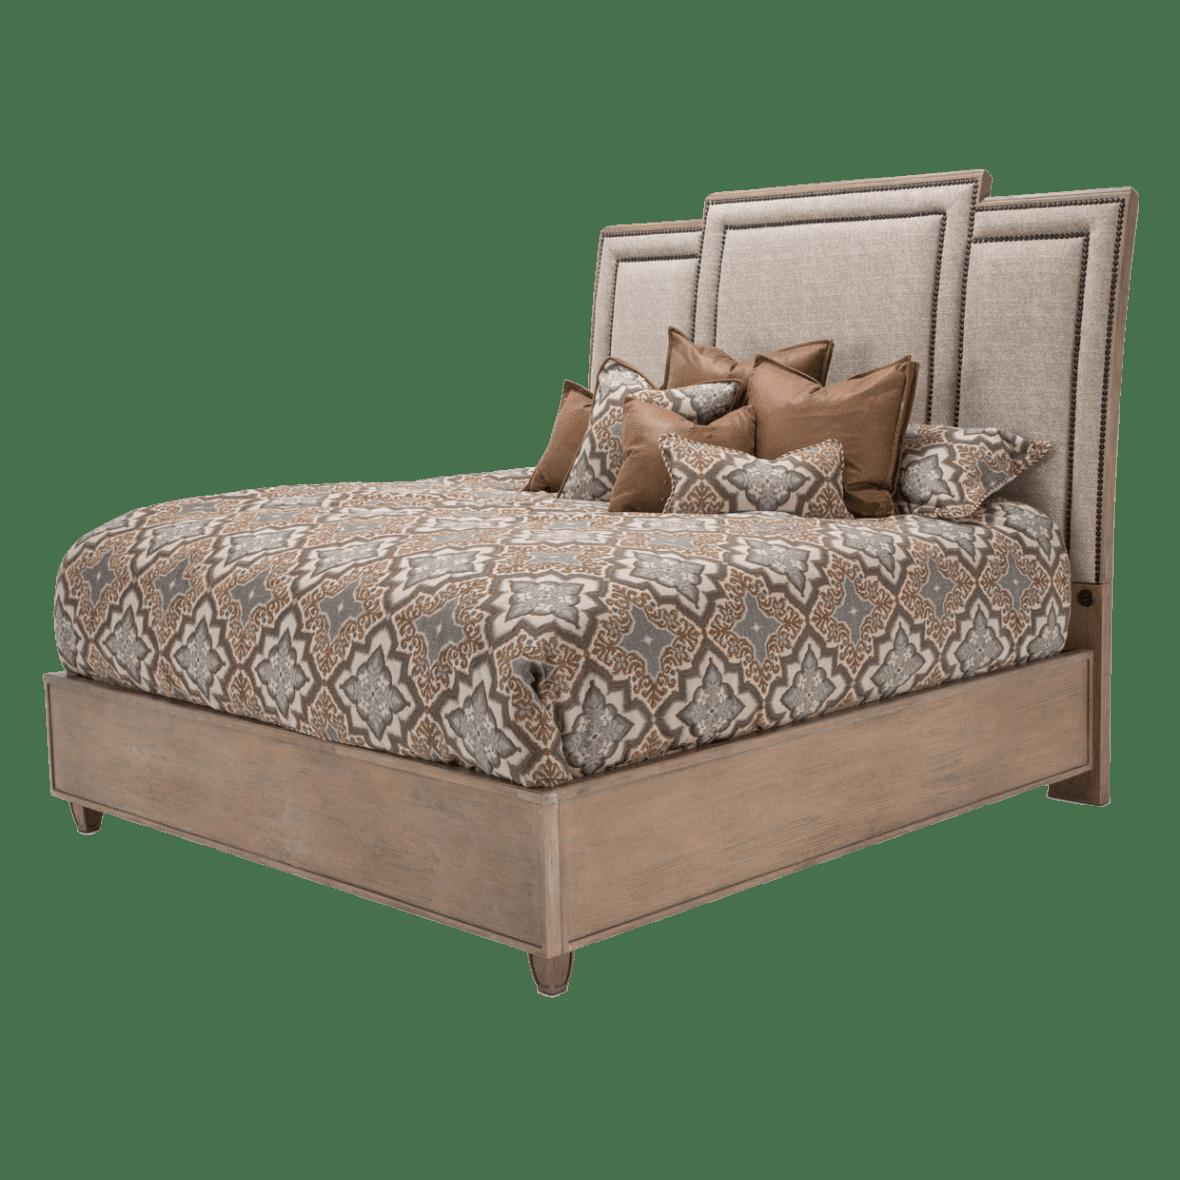 Кровать модульная с высокой драпированной панелью Cal King